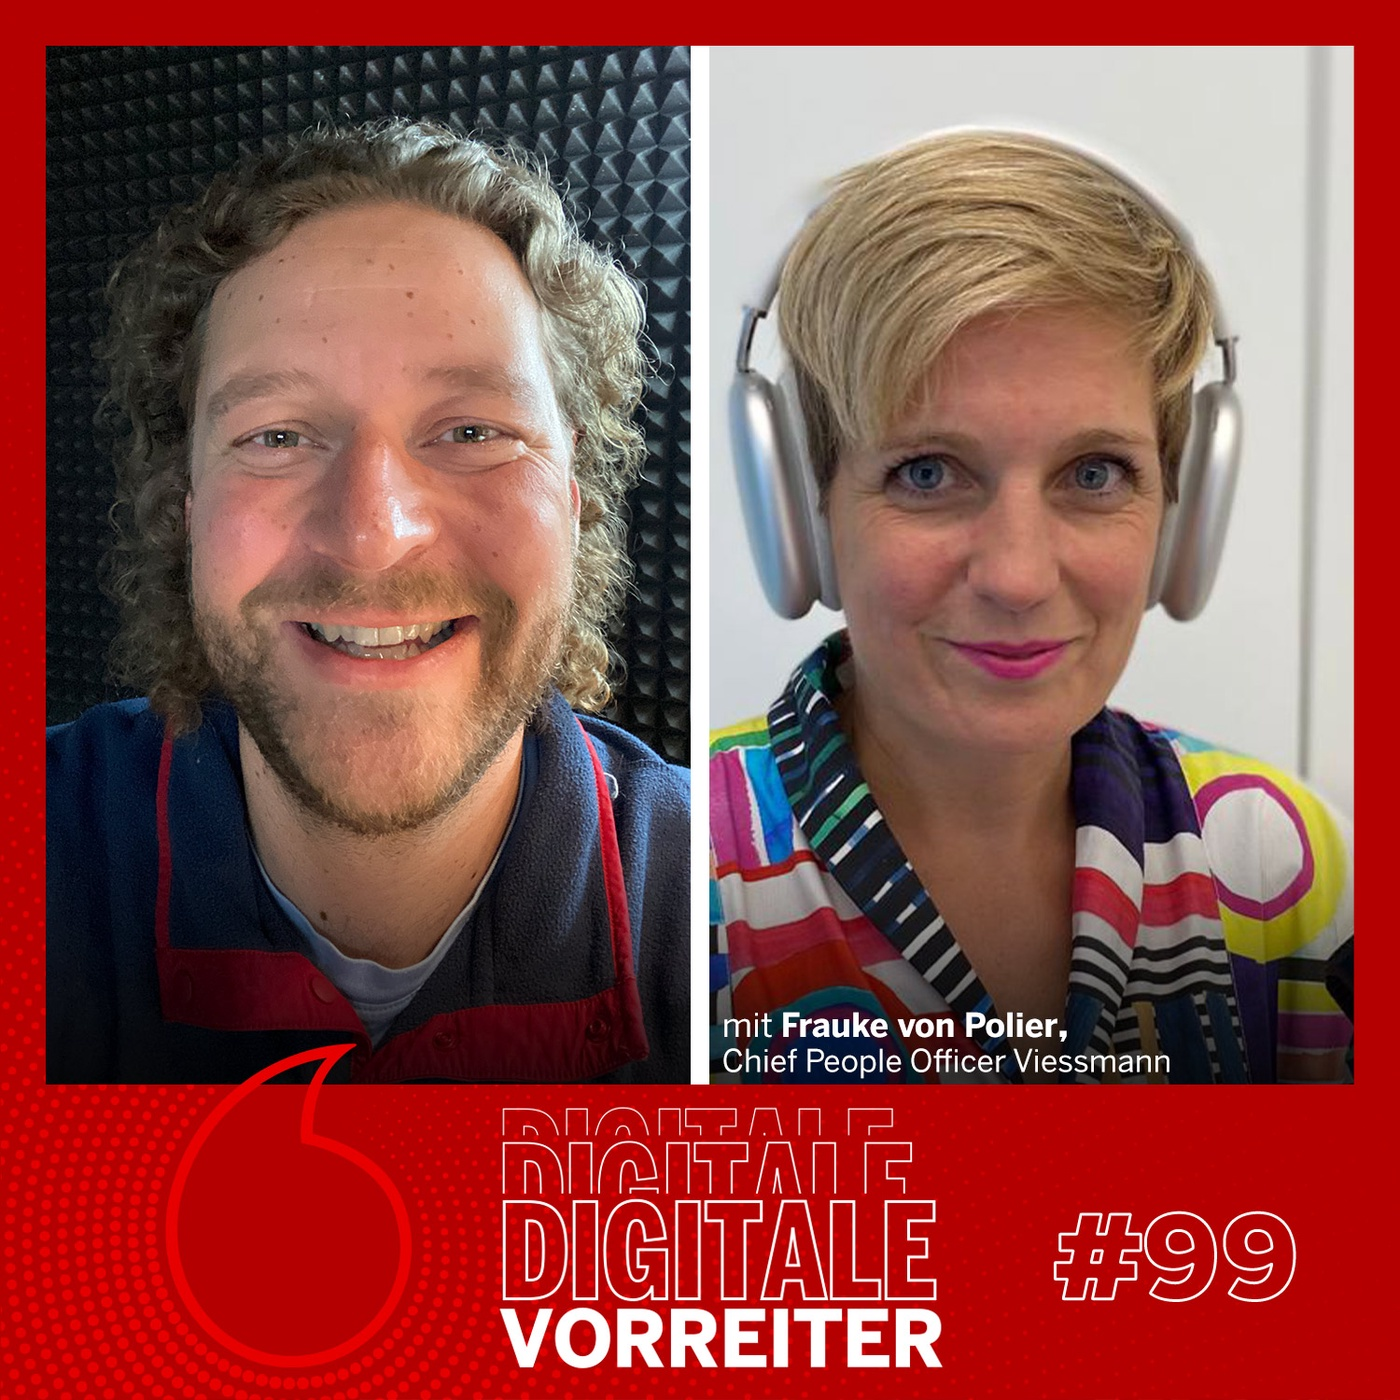 Chief People Officer bei Viessmann - wie Frauke von Polier über People & Organisation im digitalen Wandel nachdenkt